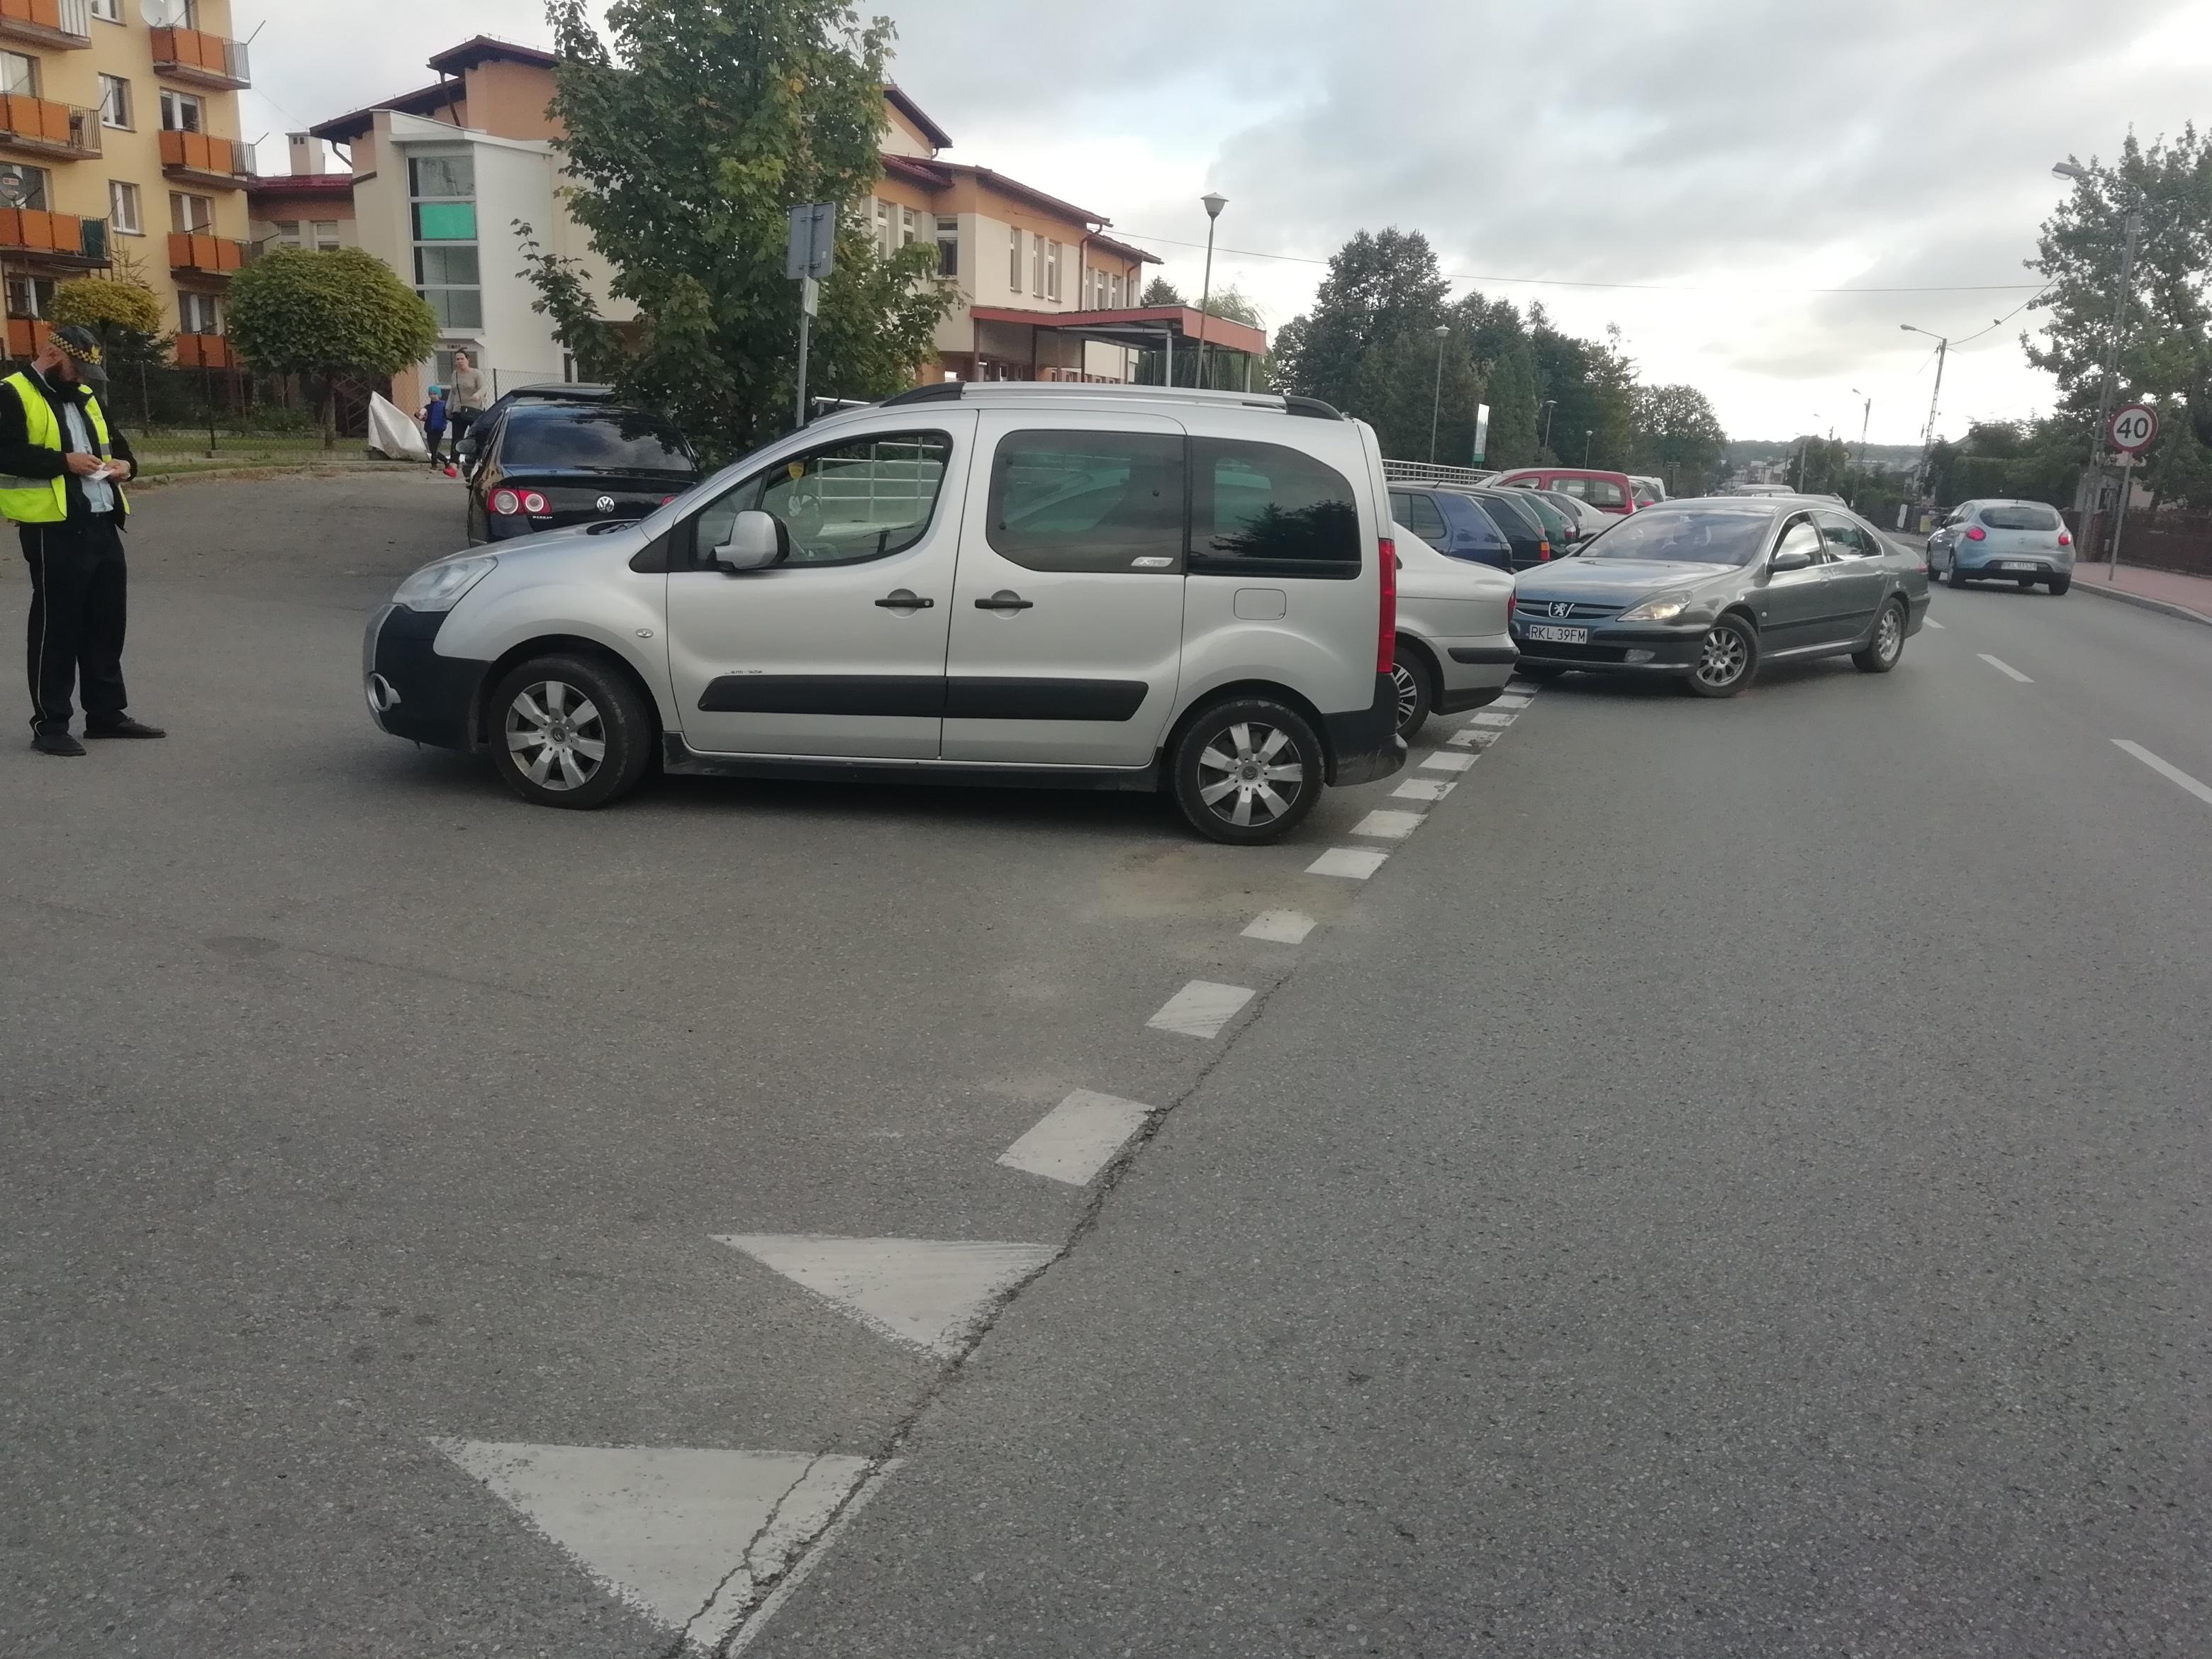 Gmina Kolbuszowa. Czytelnik skarży się, że pacjenci ośrodka zdrowia parkują pod blokiem, w którym mieszka  - Zdjęcie główne